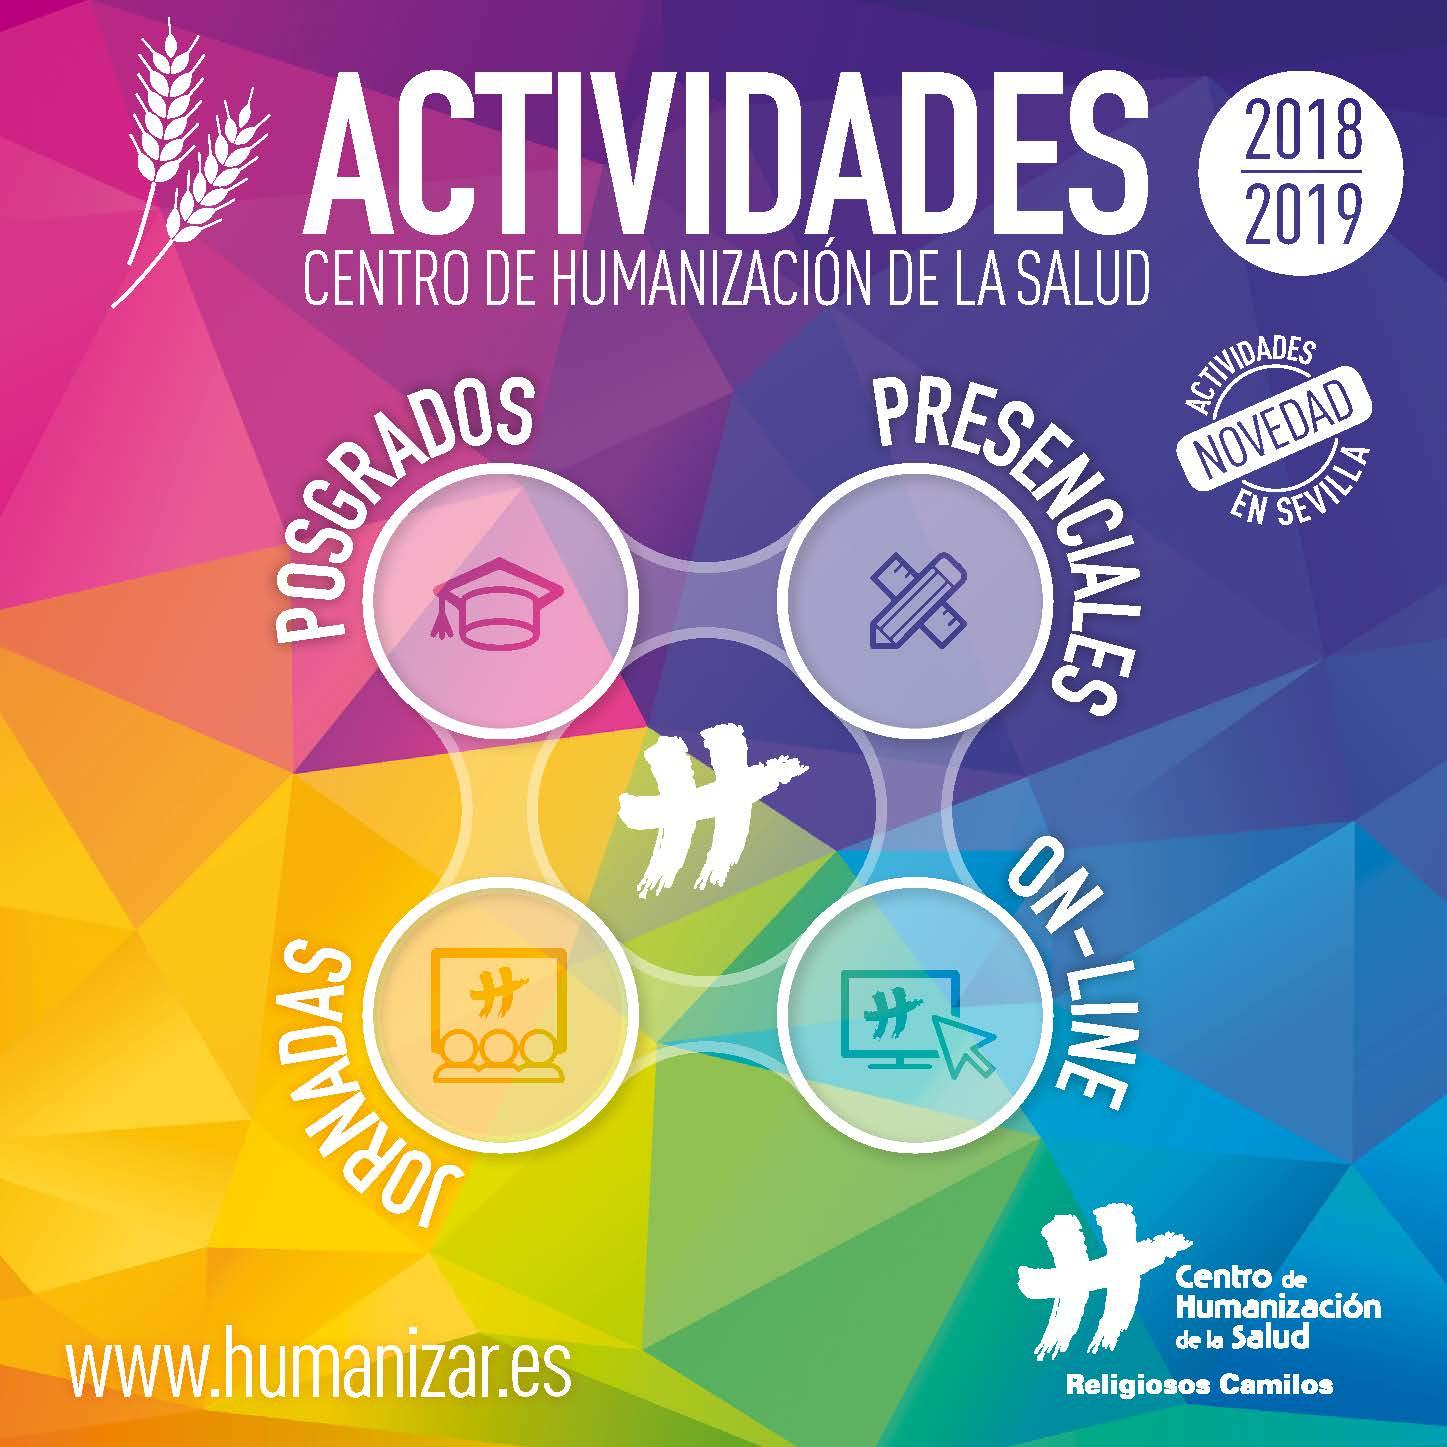 Formación del Centro de Humanización de la Salud